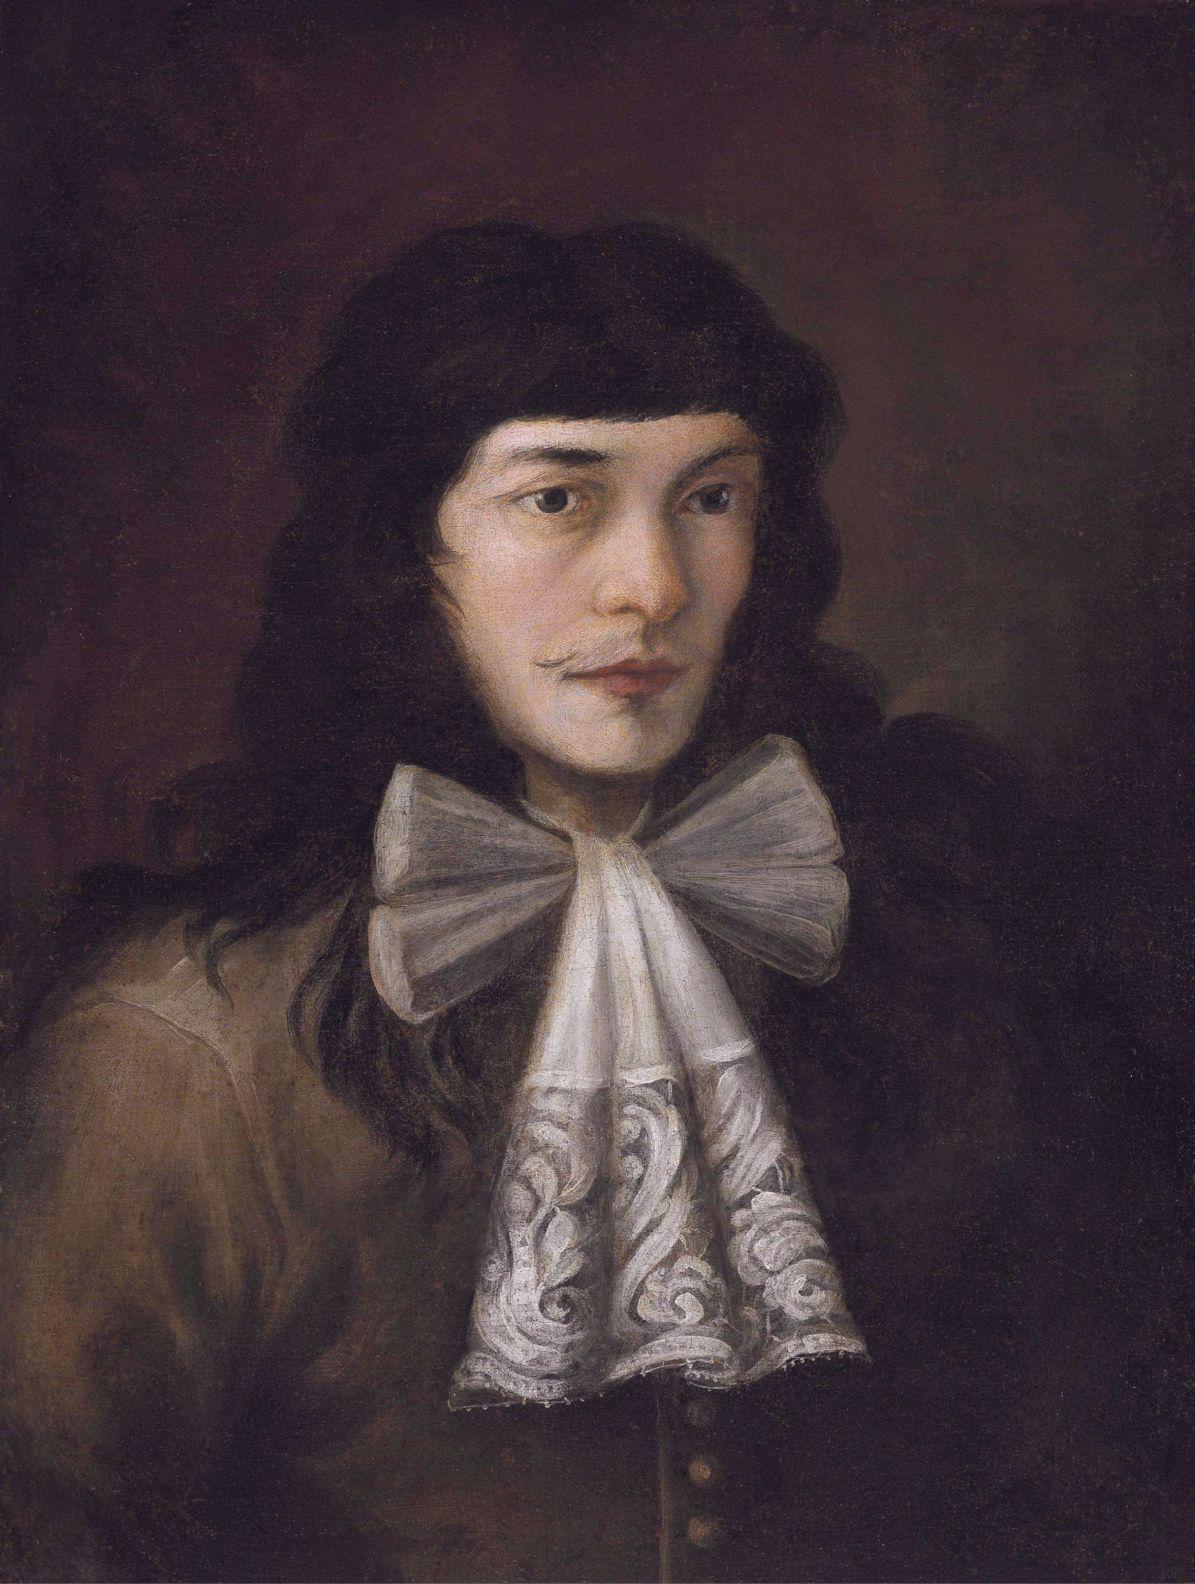 Self portrait *oil on canvas *63.5 x 48.3 cm